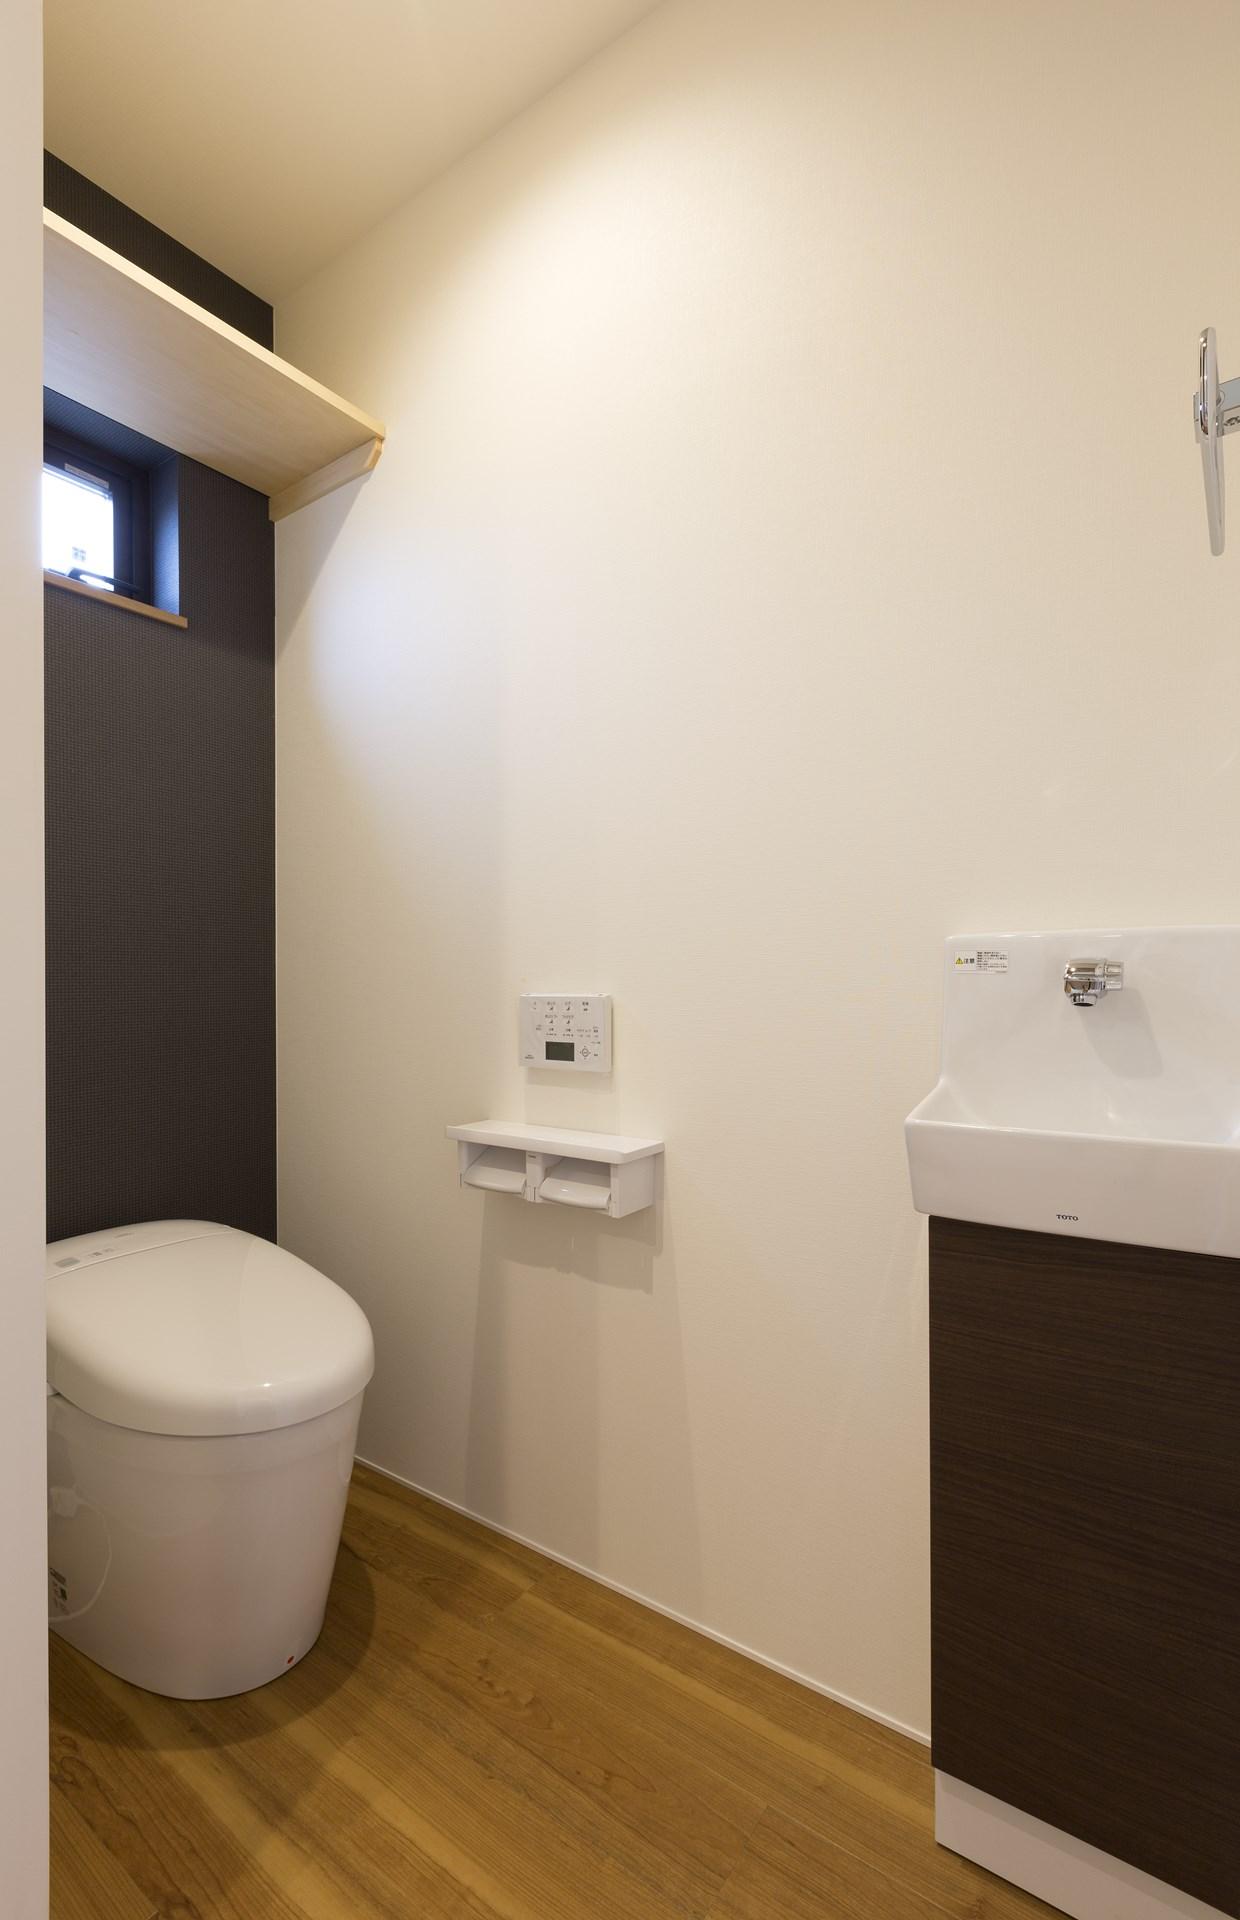 つくば市の桜の見える新築一戸建てのトイレ